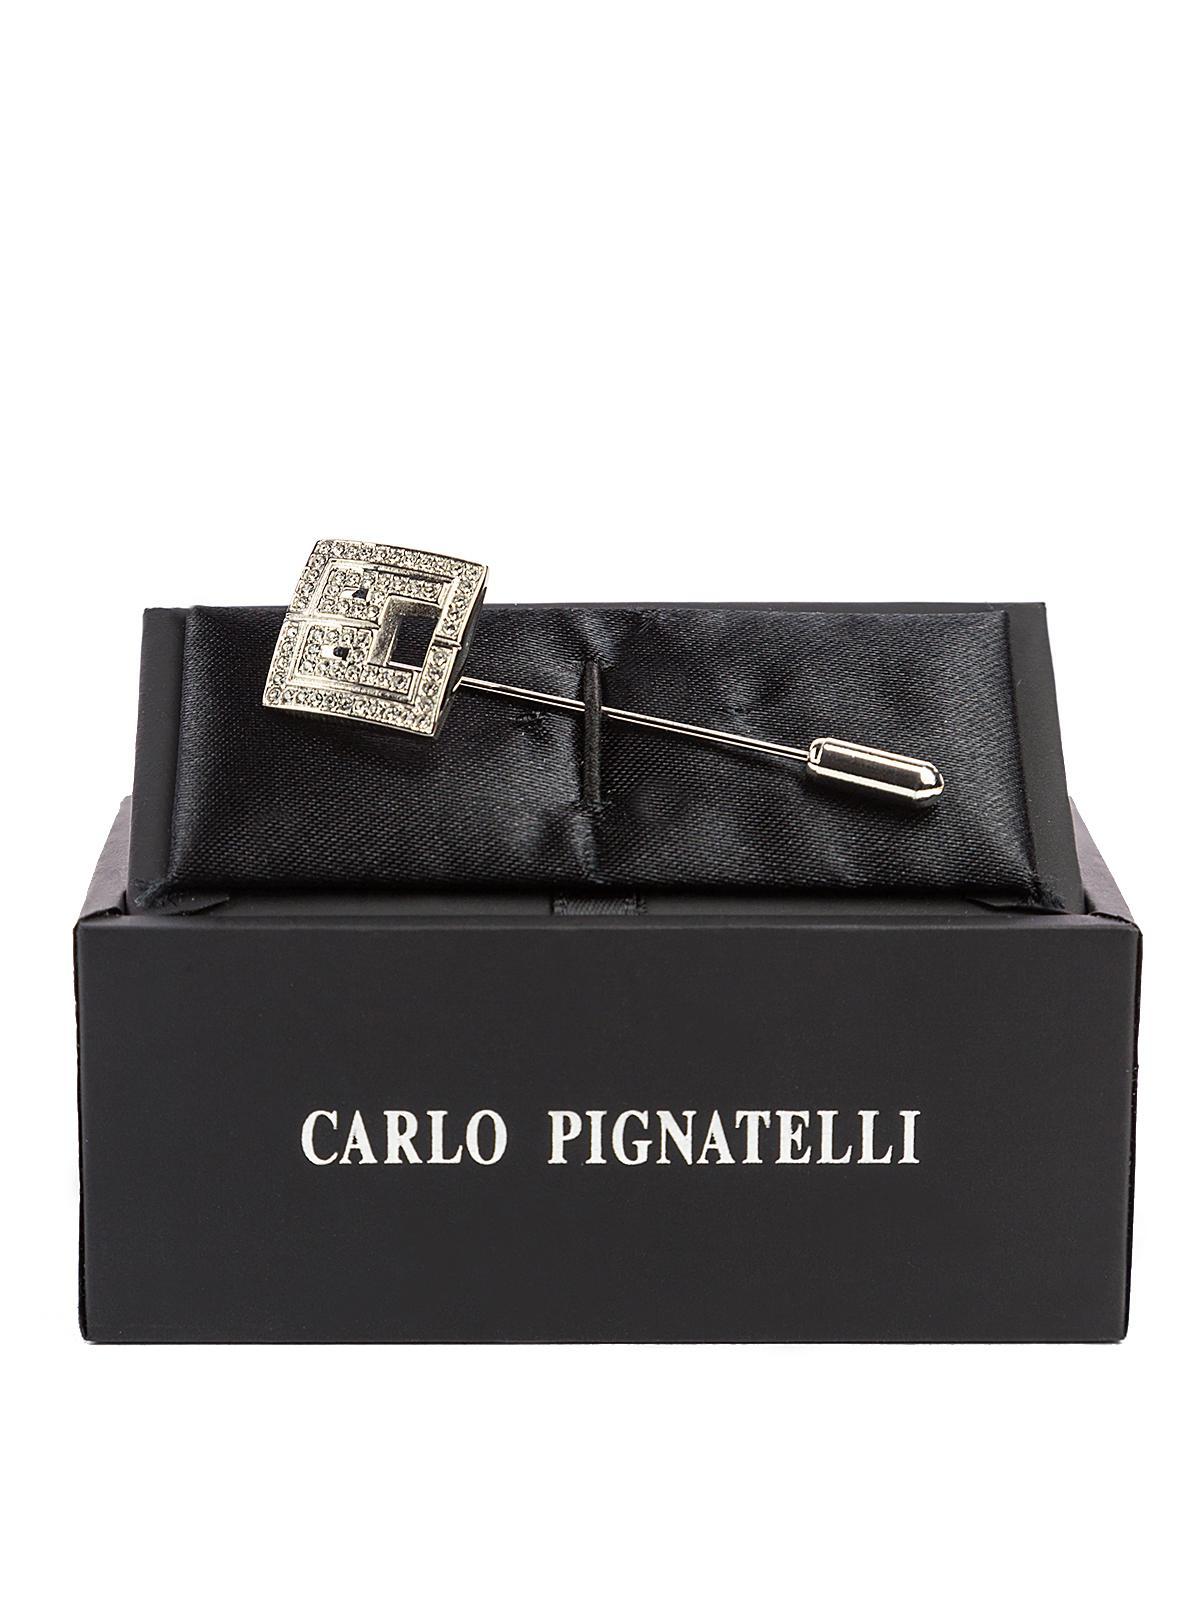 Carlo Pignatelli Spillone SP008015